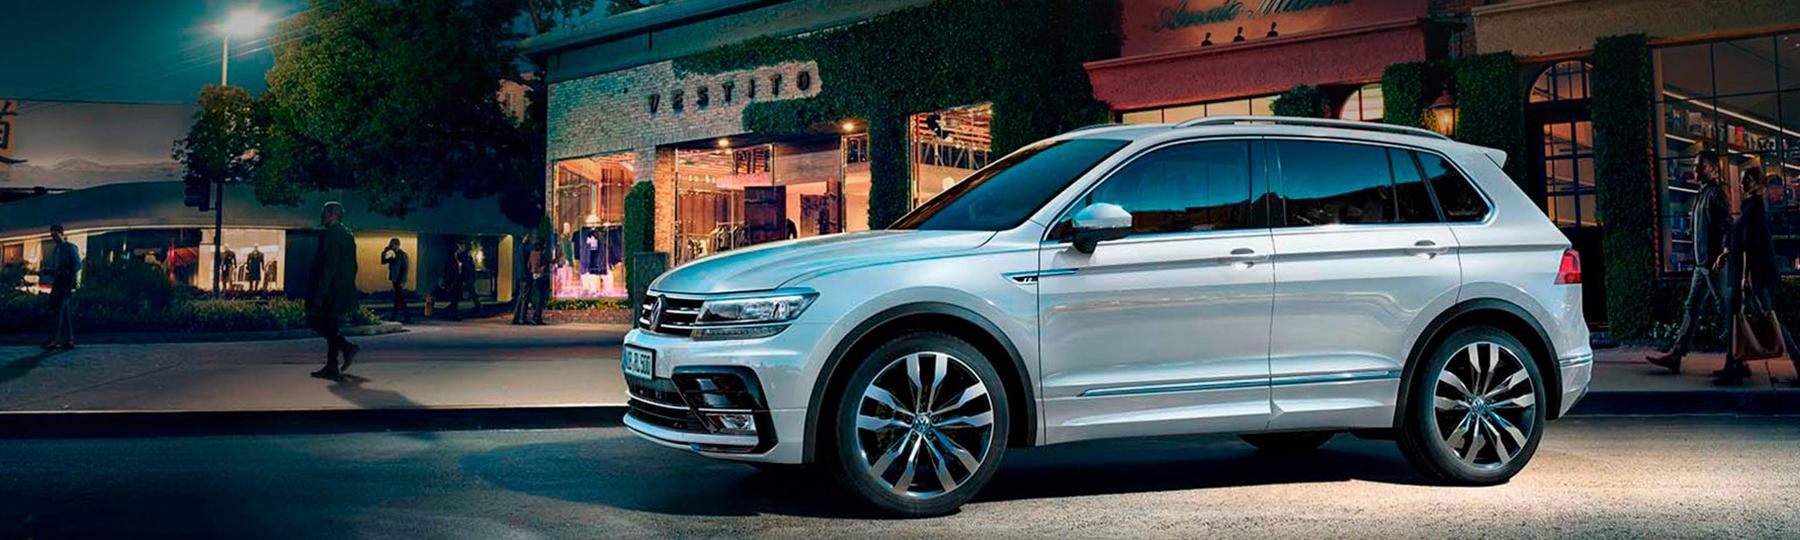 Eurodenia Motor, Servicio Oficial Volkswagen en Dénia y Benissa (Alicante)